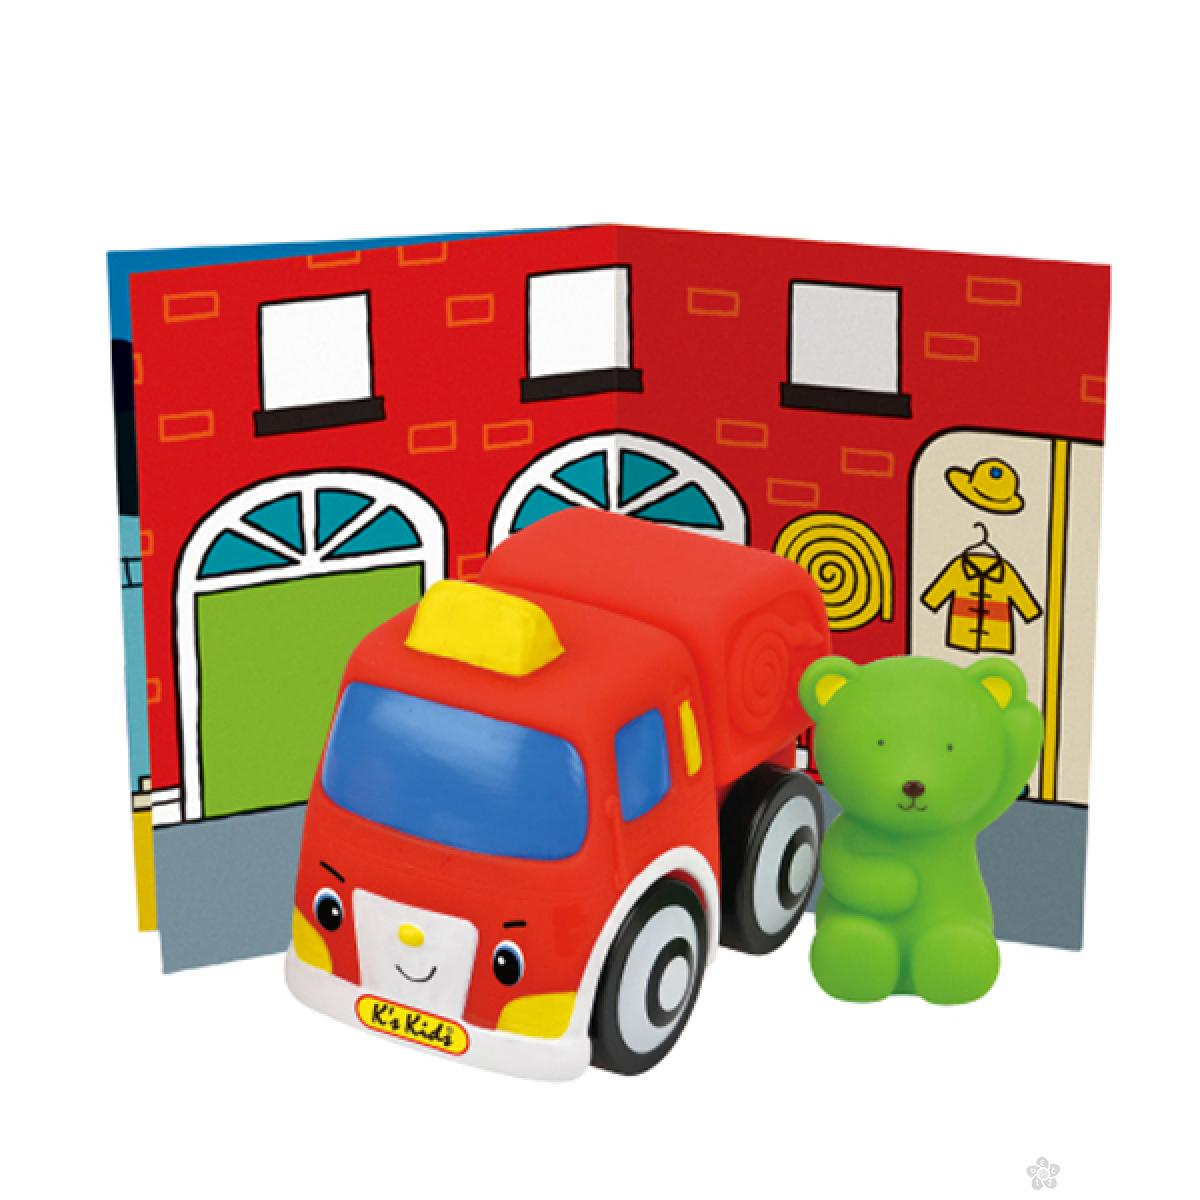 Popbo vatrogasno vozilo  Ks Kids, KA10644-GB